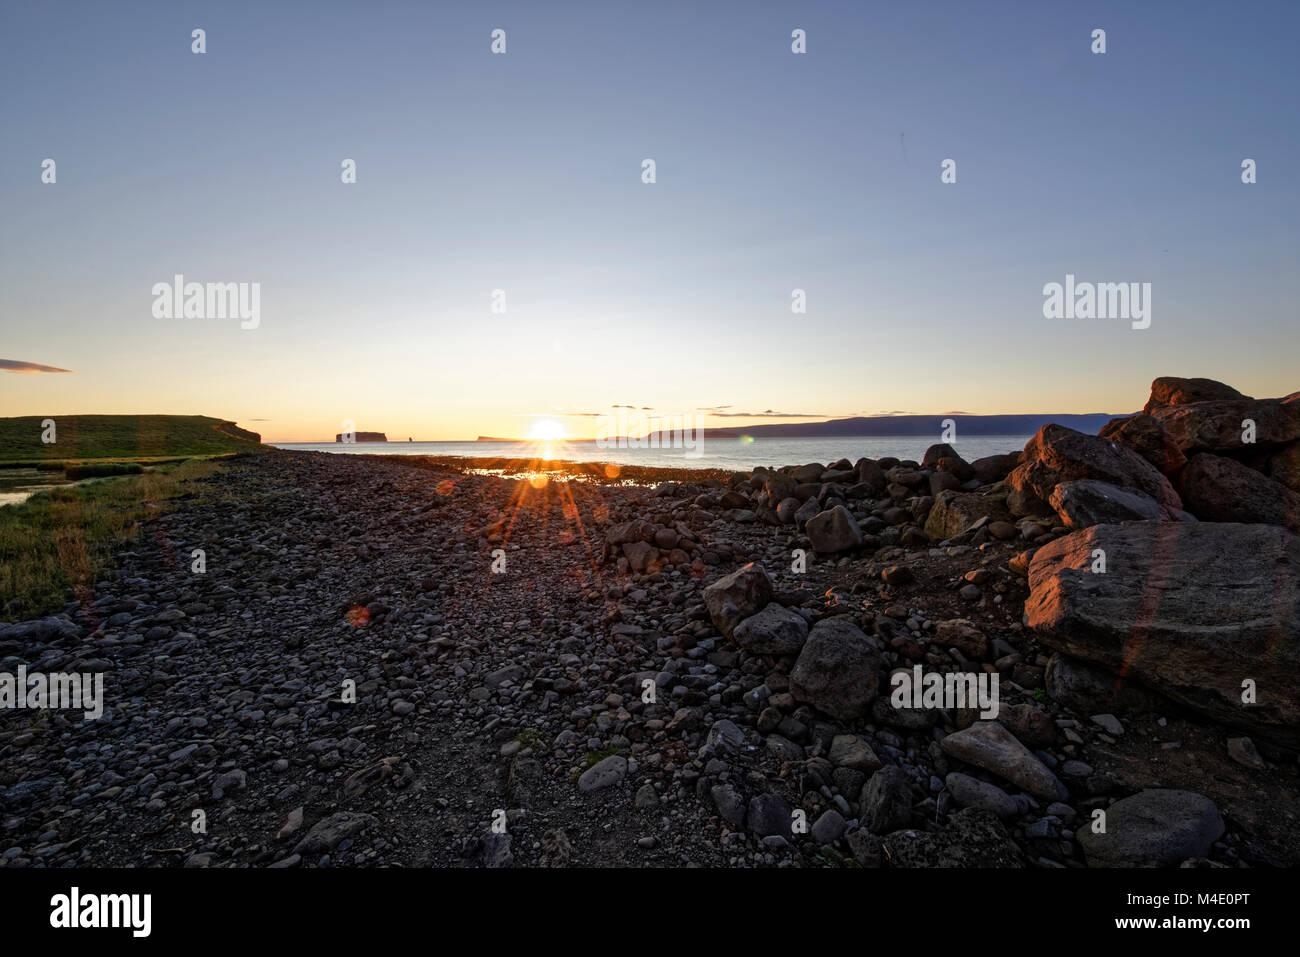 Drangey ist eine unbewohnte isländische Insel, die in der Mitte des Fjordes Skagafjörður gelegen ist. Stock Photo